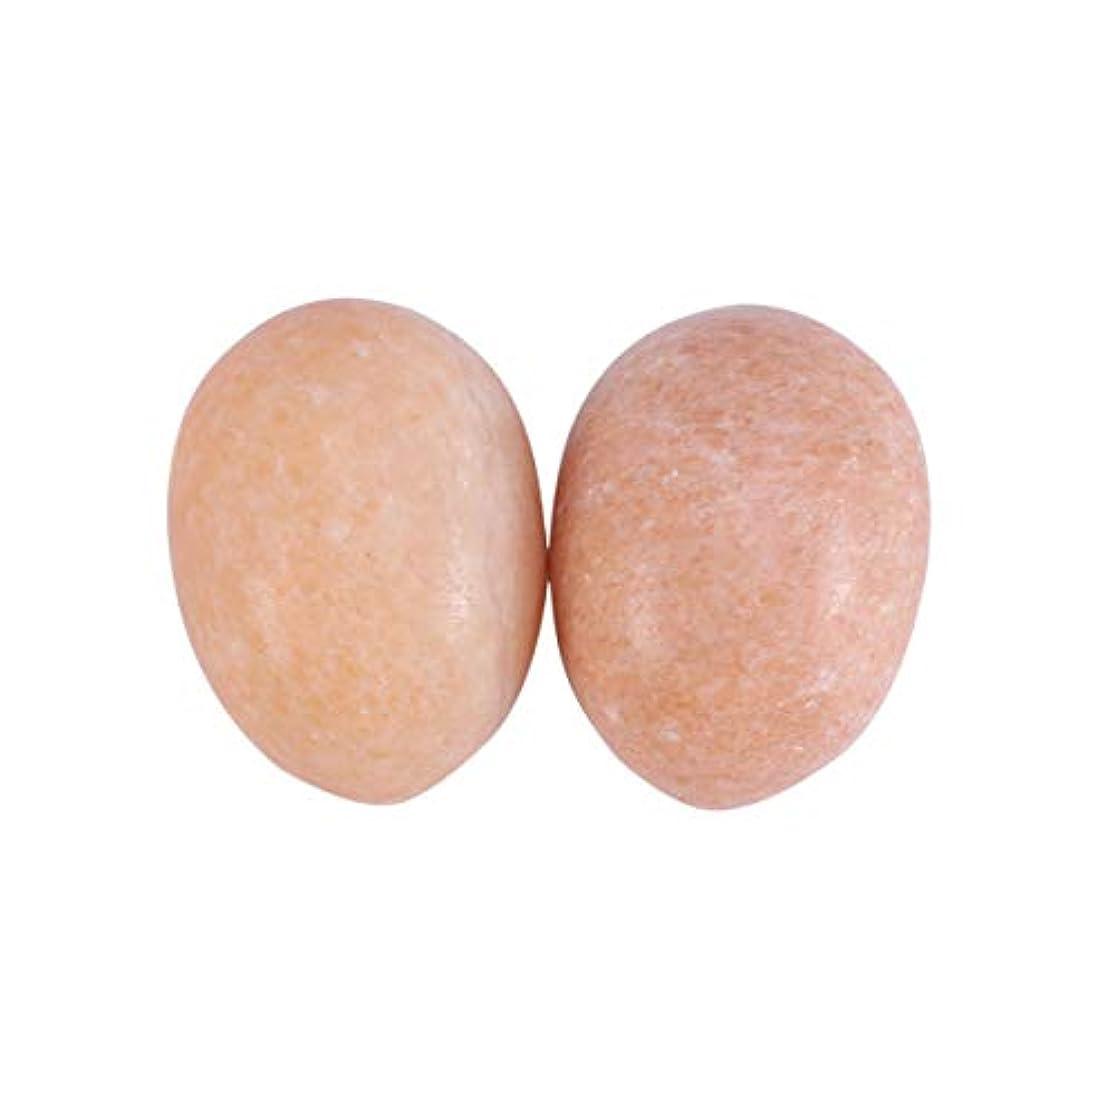 政策二もう一度Healifty 6PCS玉ヨニ卵マッサージ癒しの石のケゲル運動骨盤底筋運動(日没赤)